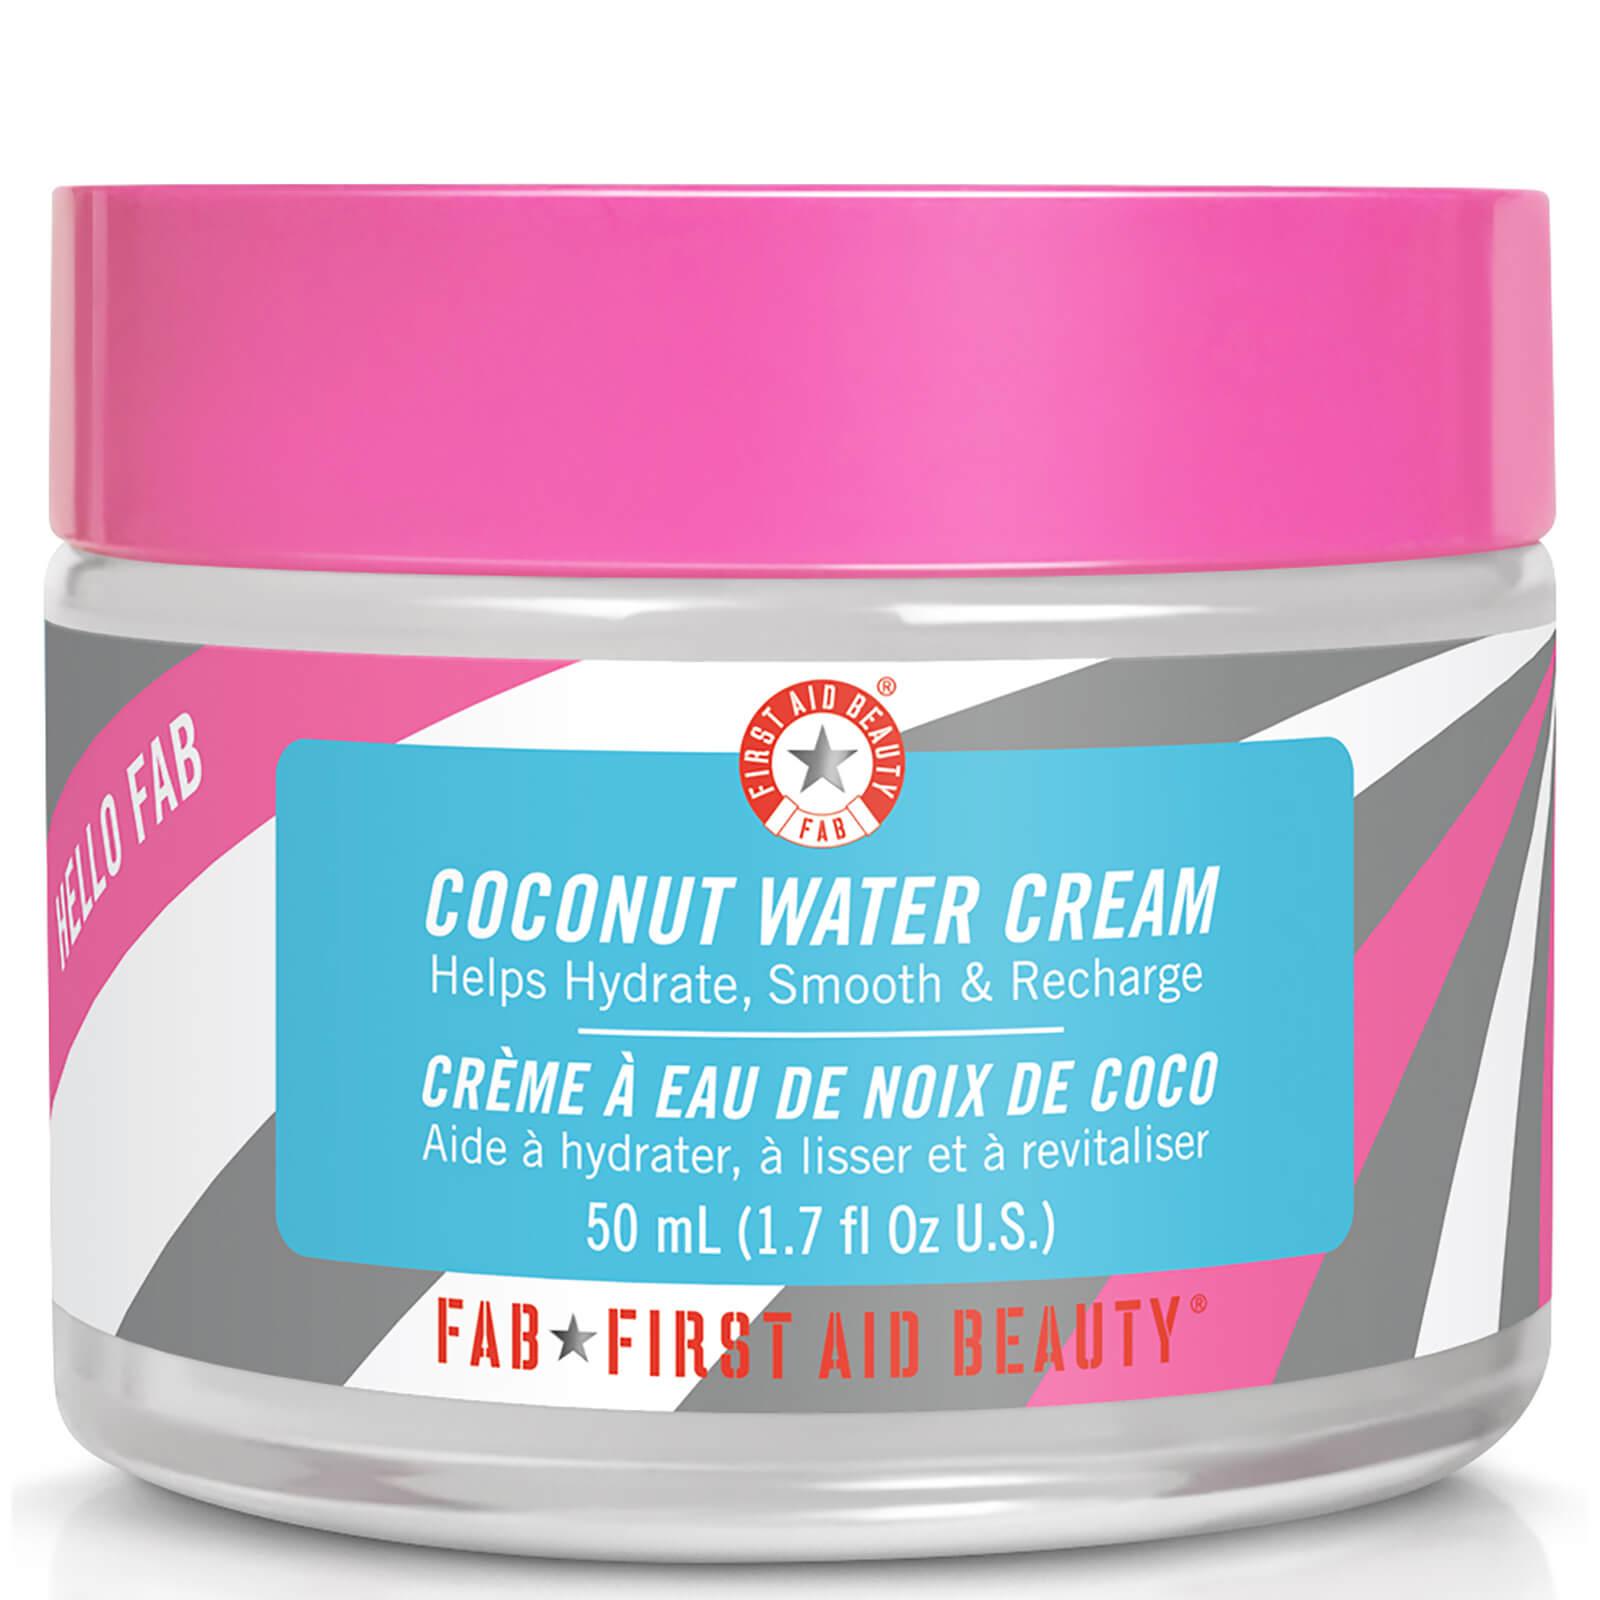 First Aid Beauty Crème à l'Eau de Noix de Coco Hello FAB First Aid Beauty